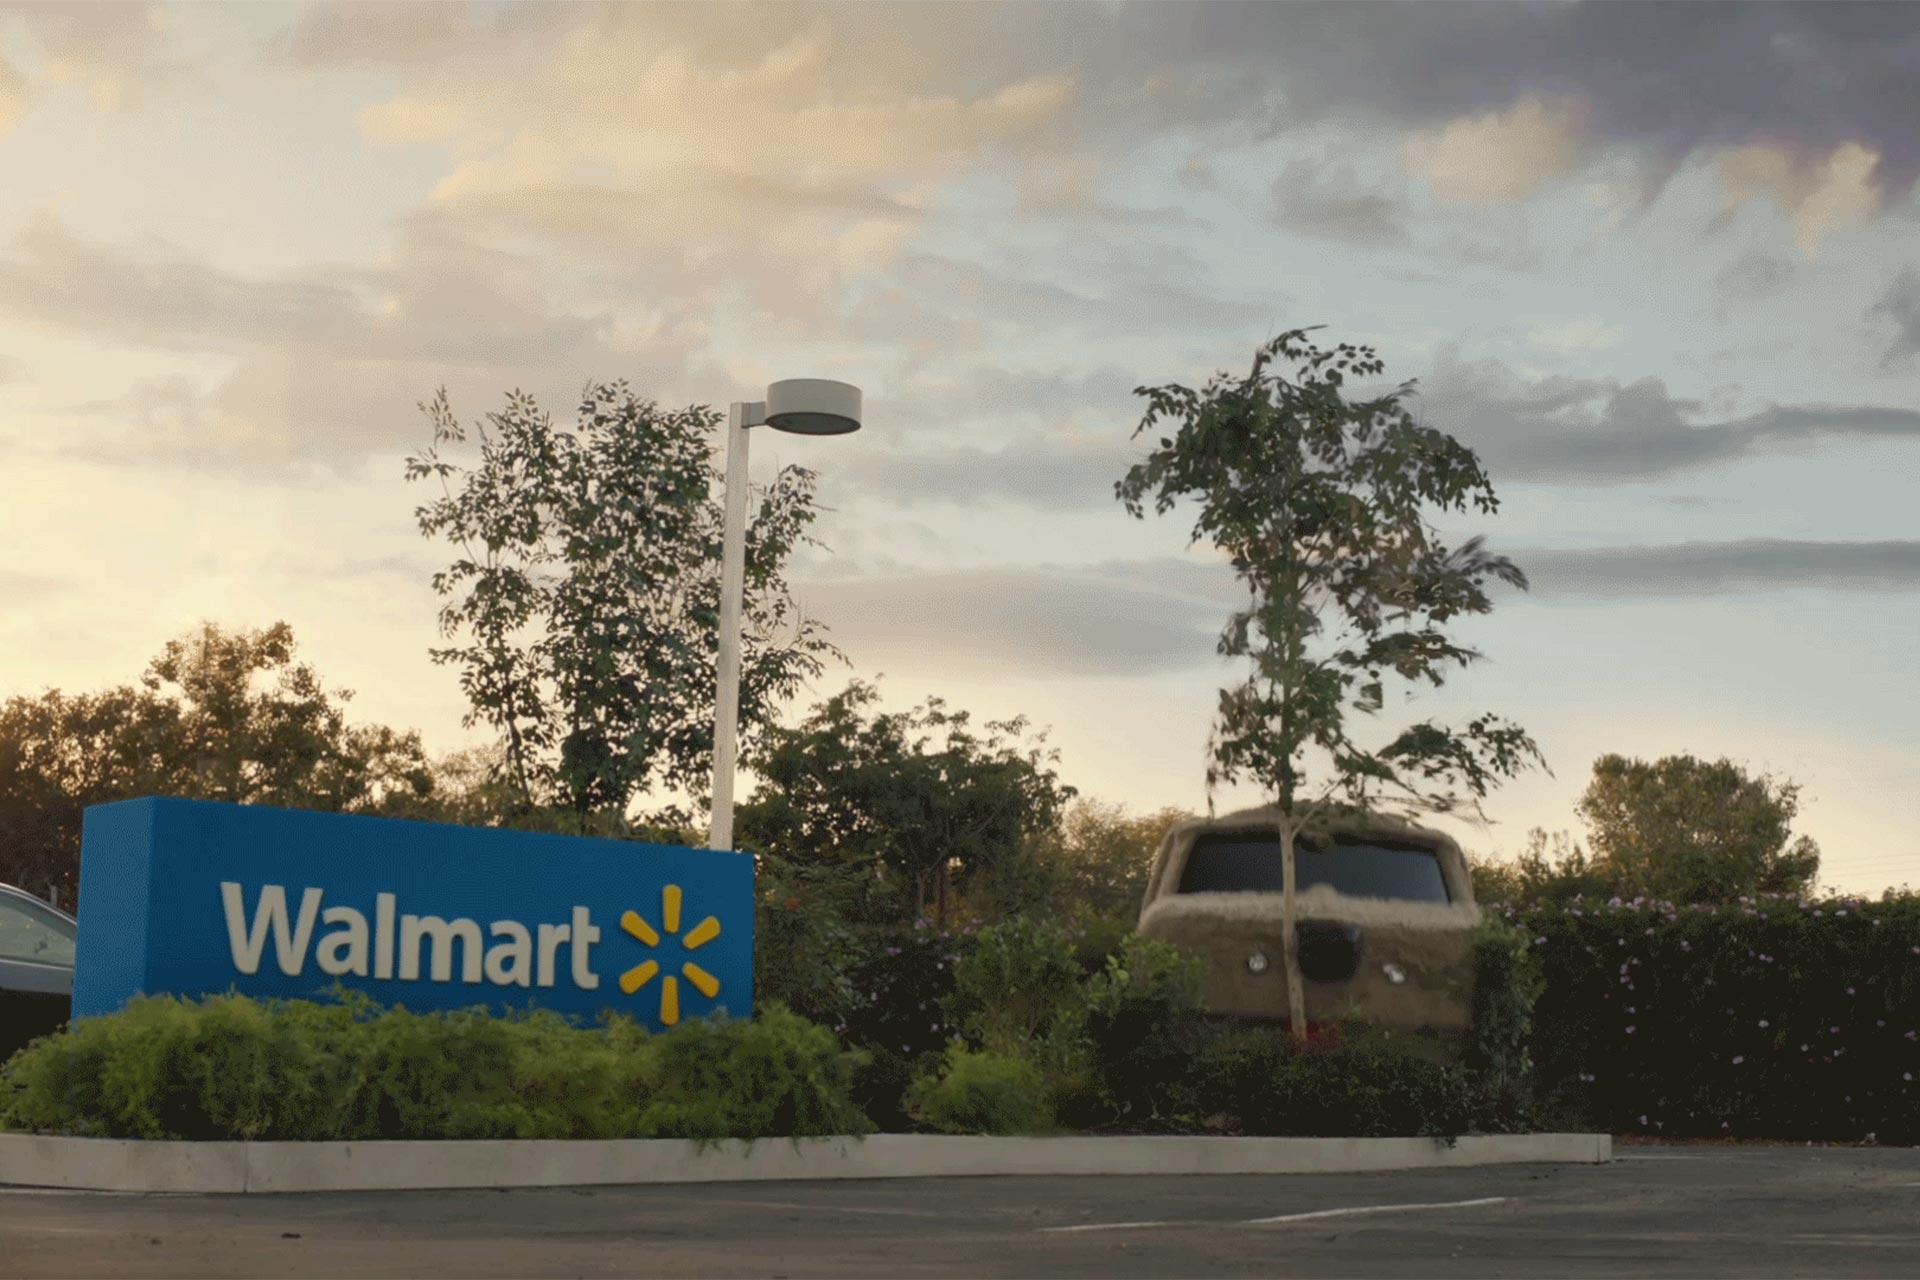 Walmart Famous Cars Advert Nostalgia